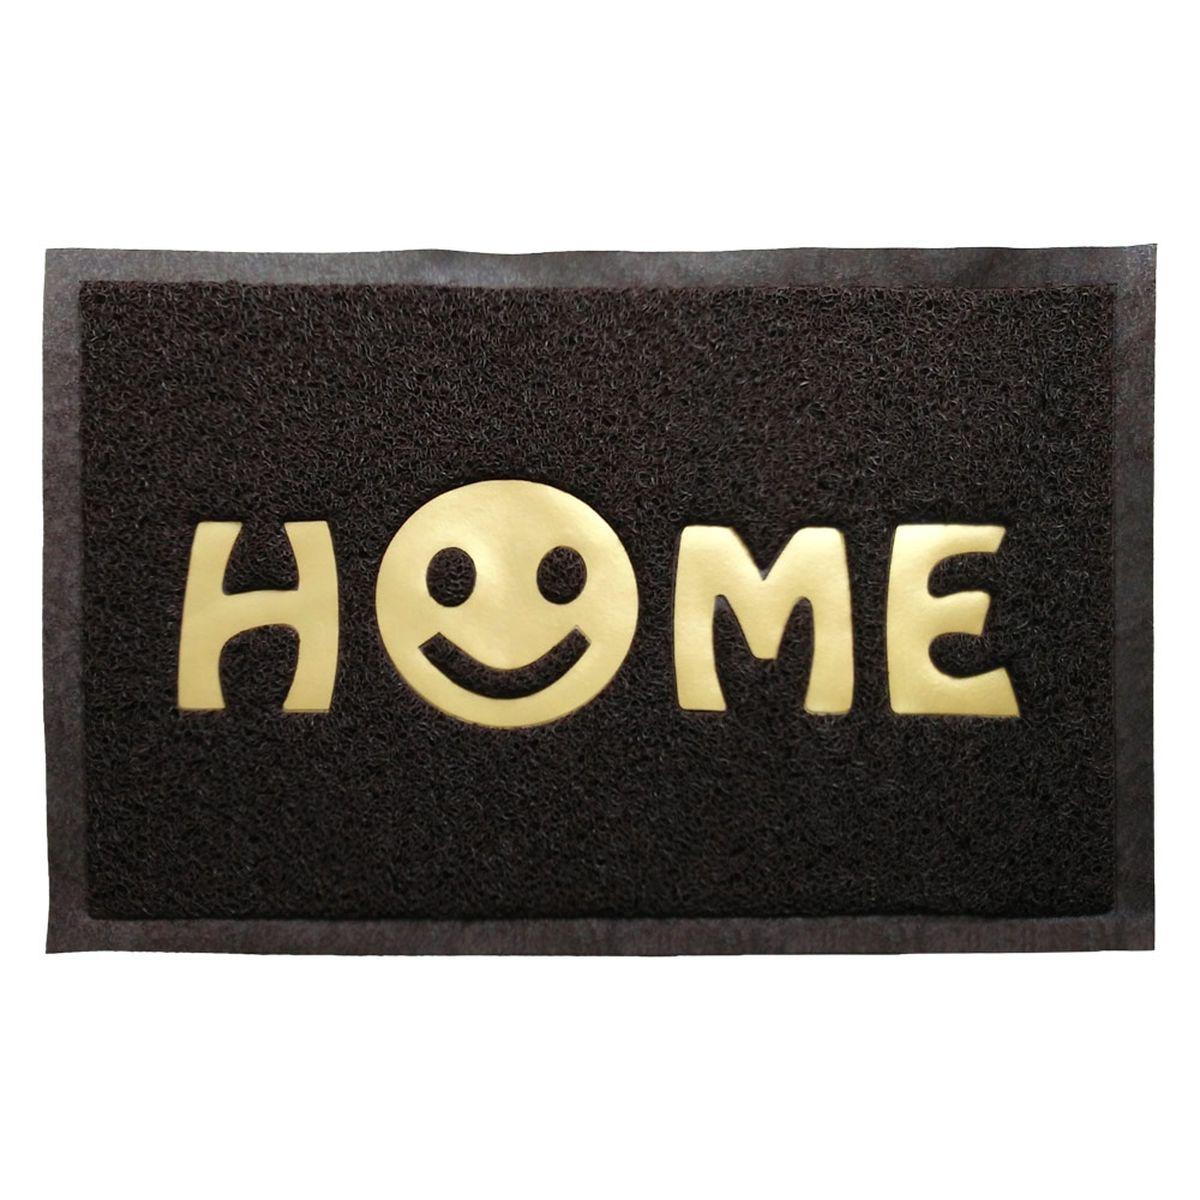 Коврик придверный Vortex Home, пористый, 40 х 60 см22405Ворс коврика Vortex изготовлен из полимерного материала. Коврик Vortex гармонично впишется в интерьер вашего дома и создаст атмосферу уюта и комфорта. Изделие отлично подойдет как для использования в доме, так и снаружи.